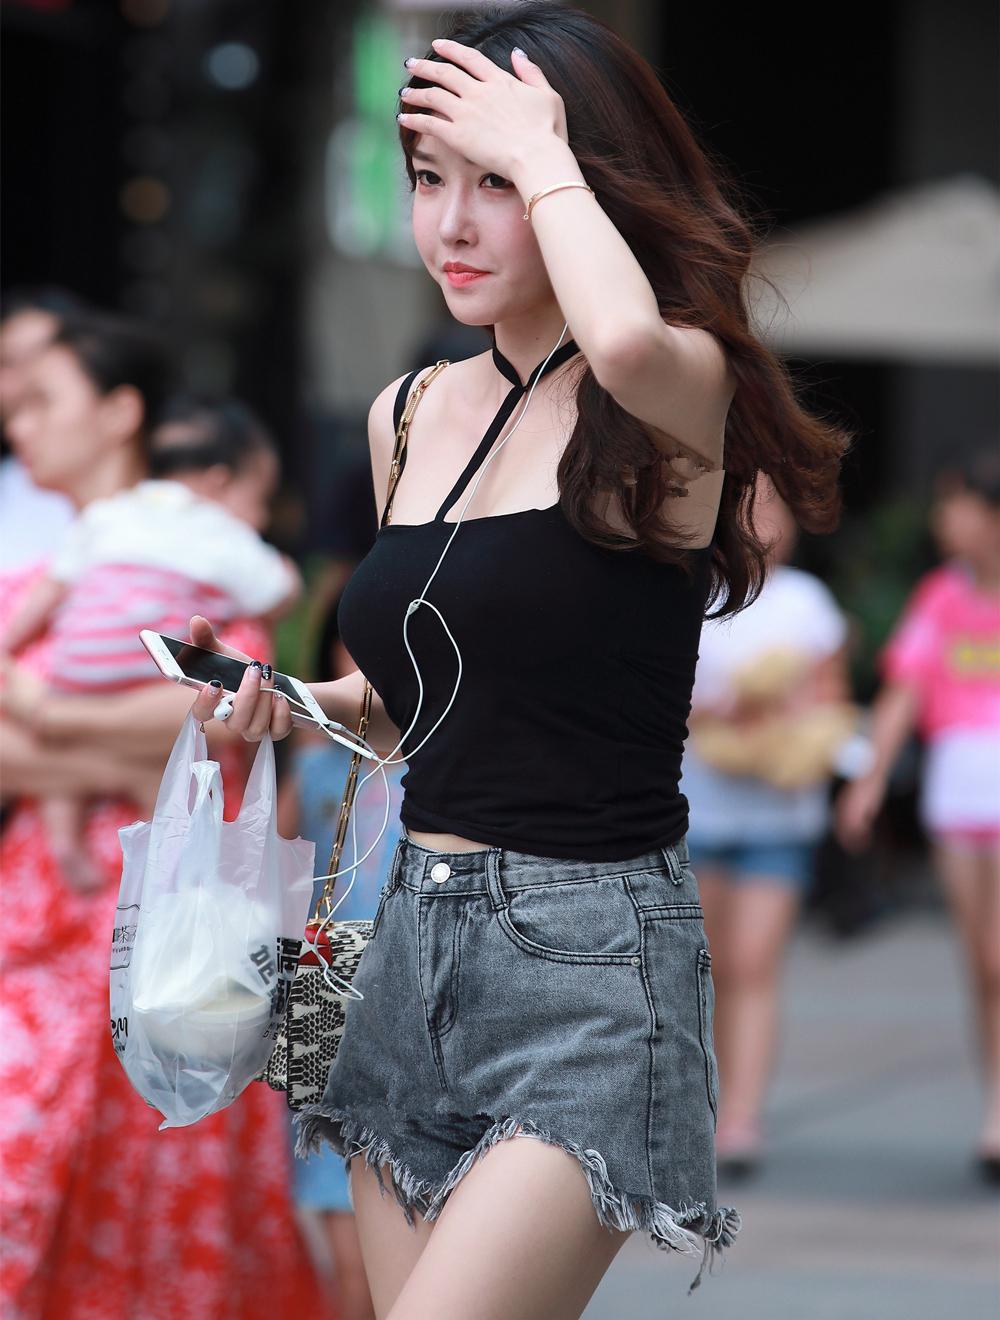 街拍: 热裤美女, 网红长相满分身材, 我们能加个朋友吗?